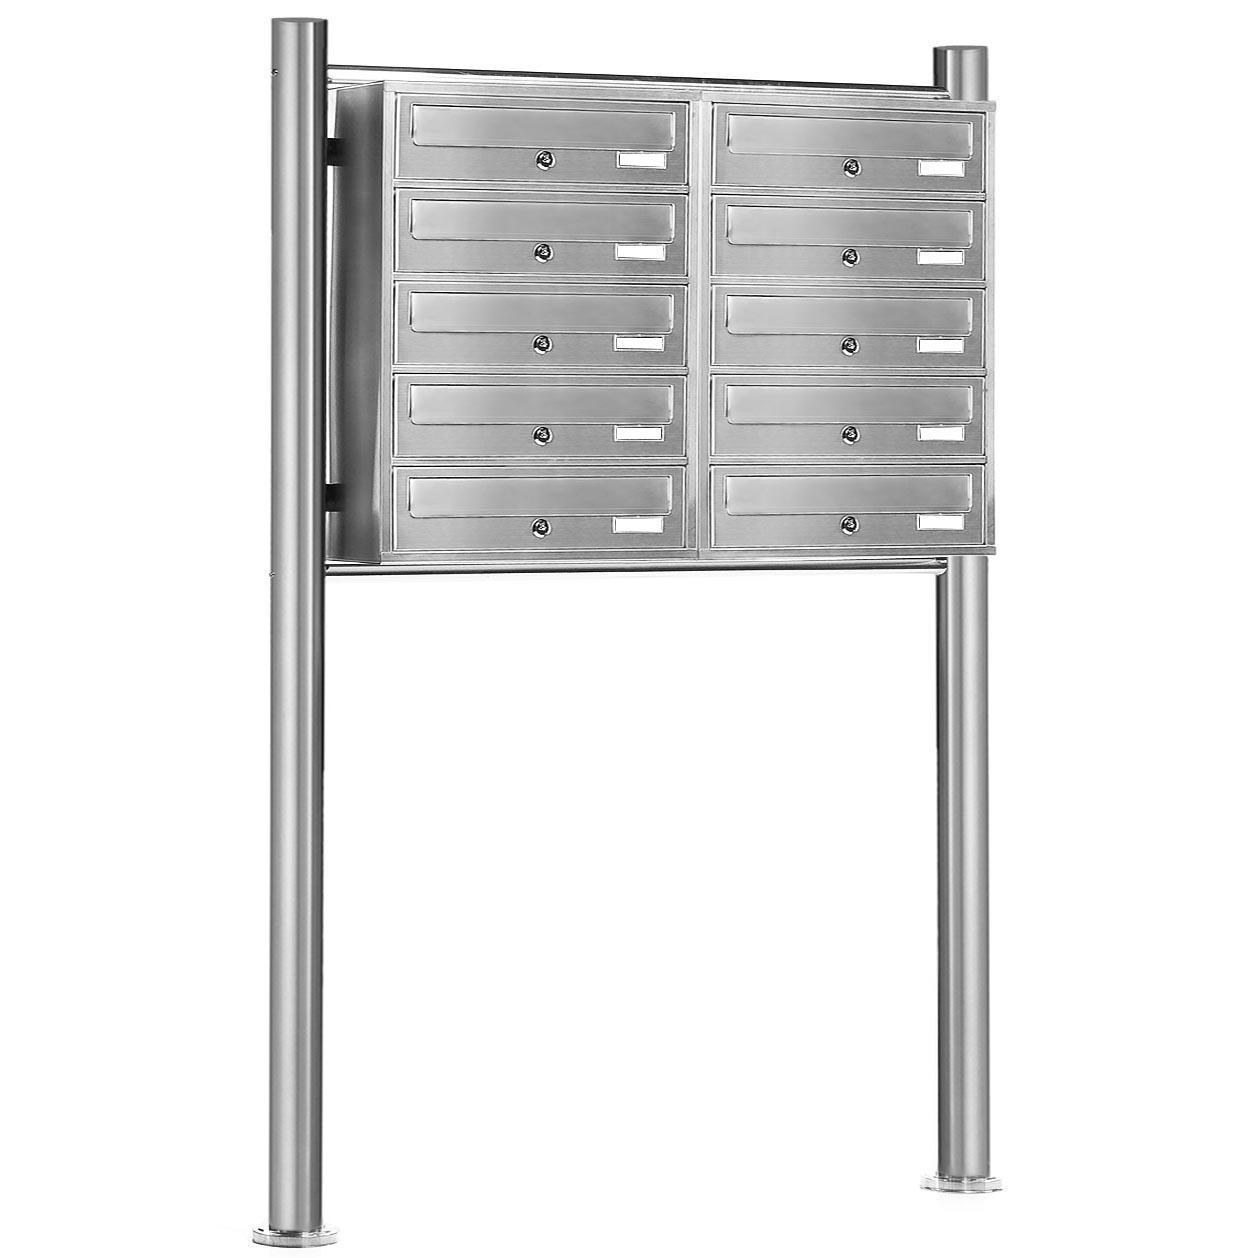 standbriefkasten v2a edelstahl briefkasten anlage system. Black Bedroom Furniture Sets. Home Design Ideas